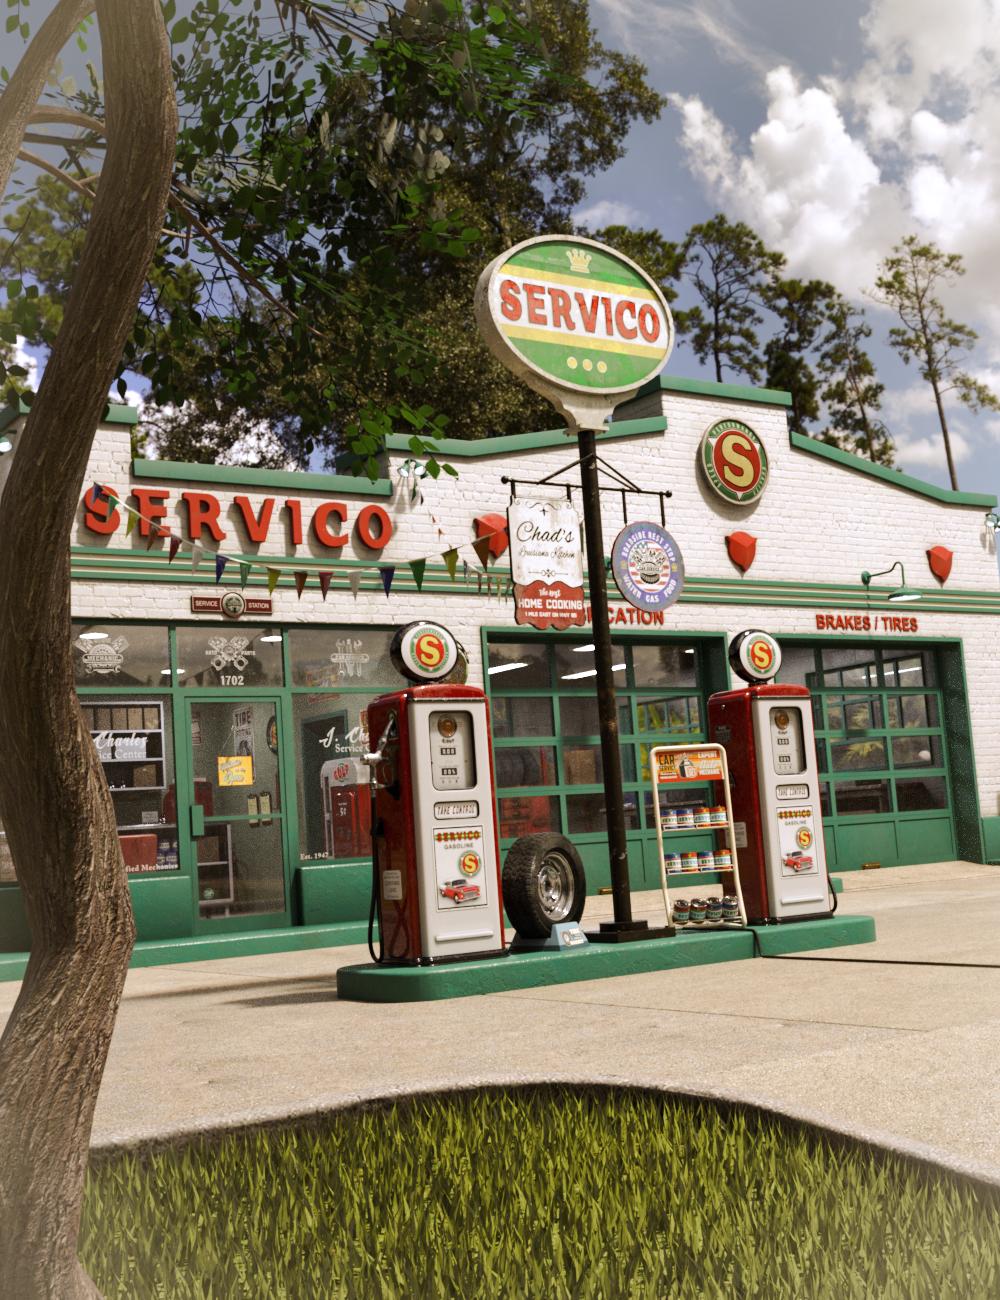 Servico Vintage Gas Station by: SloshWerks, 3D Models by Daz 3D